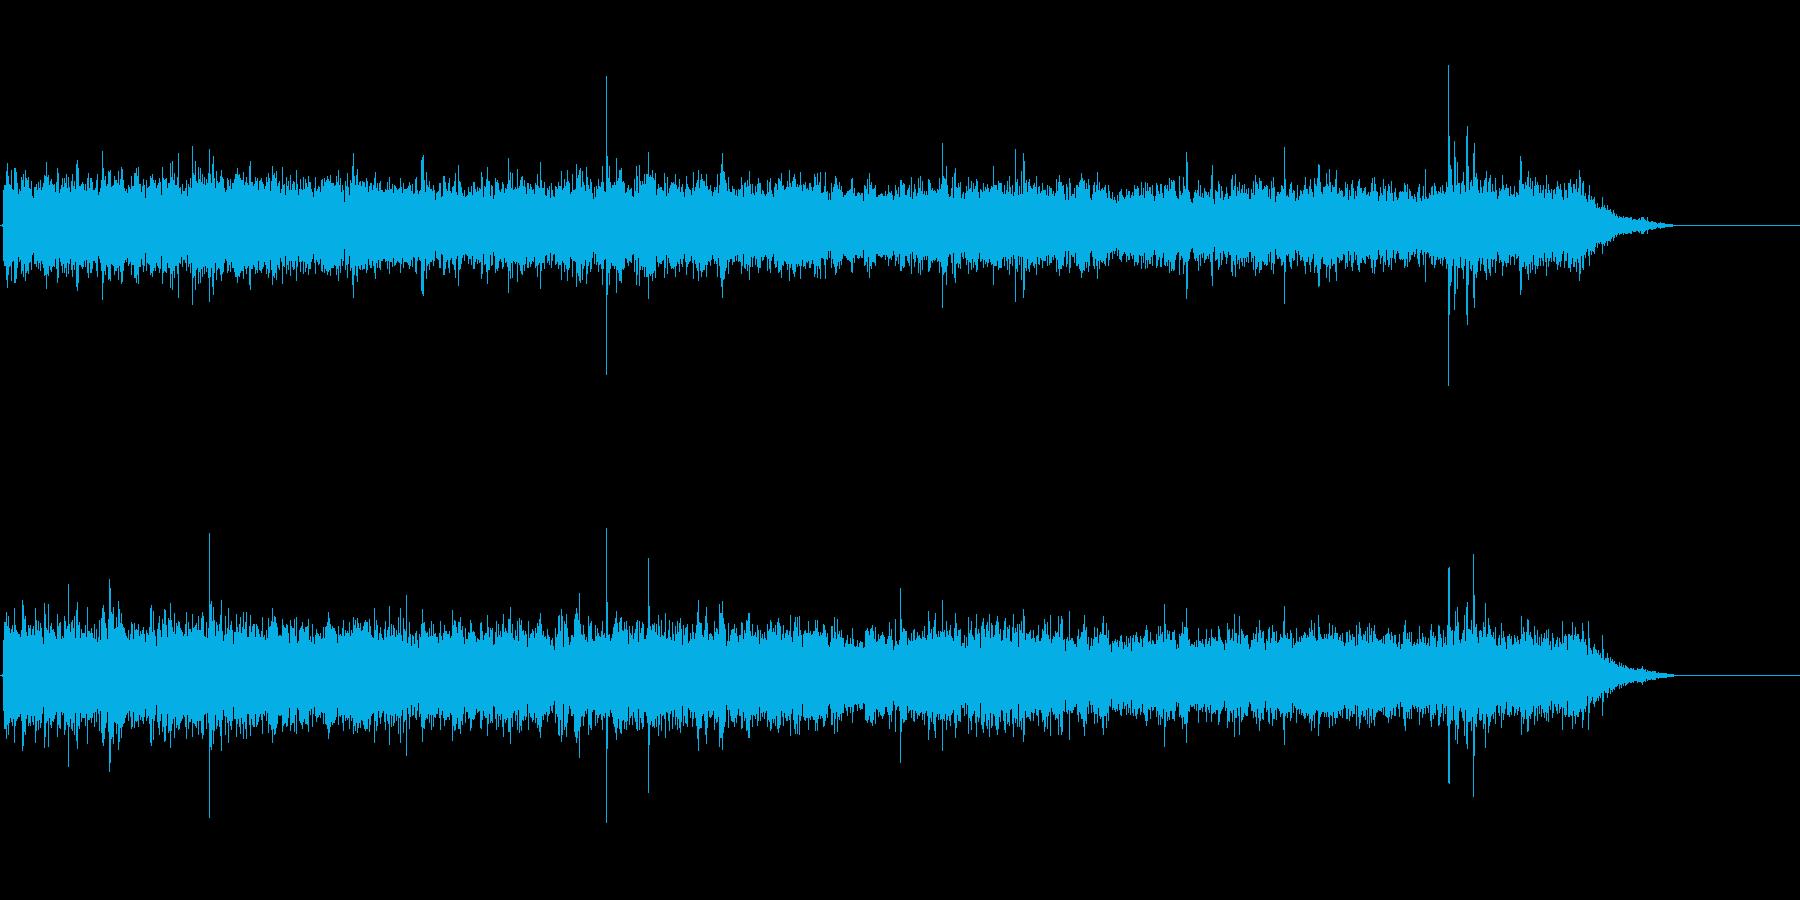 ザーッ+ぱらぱら(雨の音)の再生済みの波形